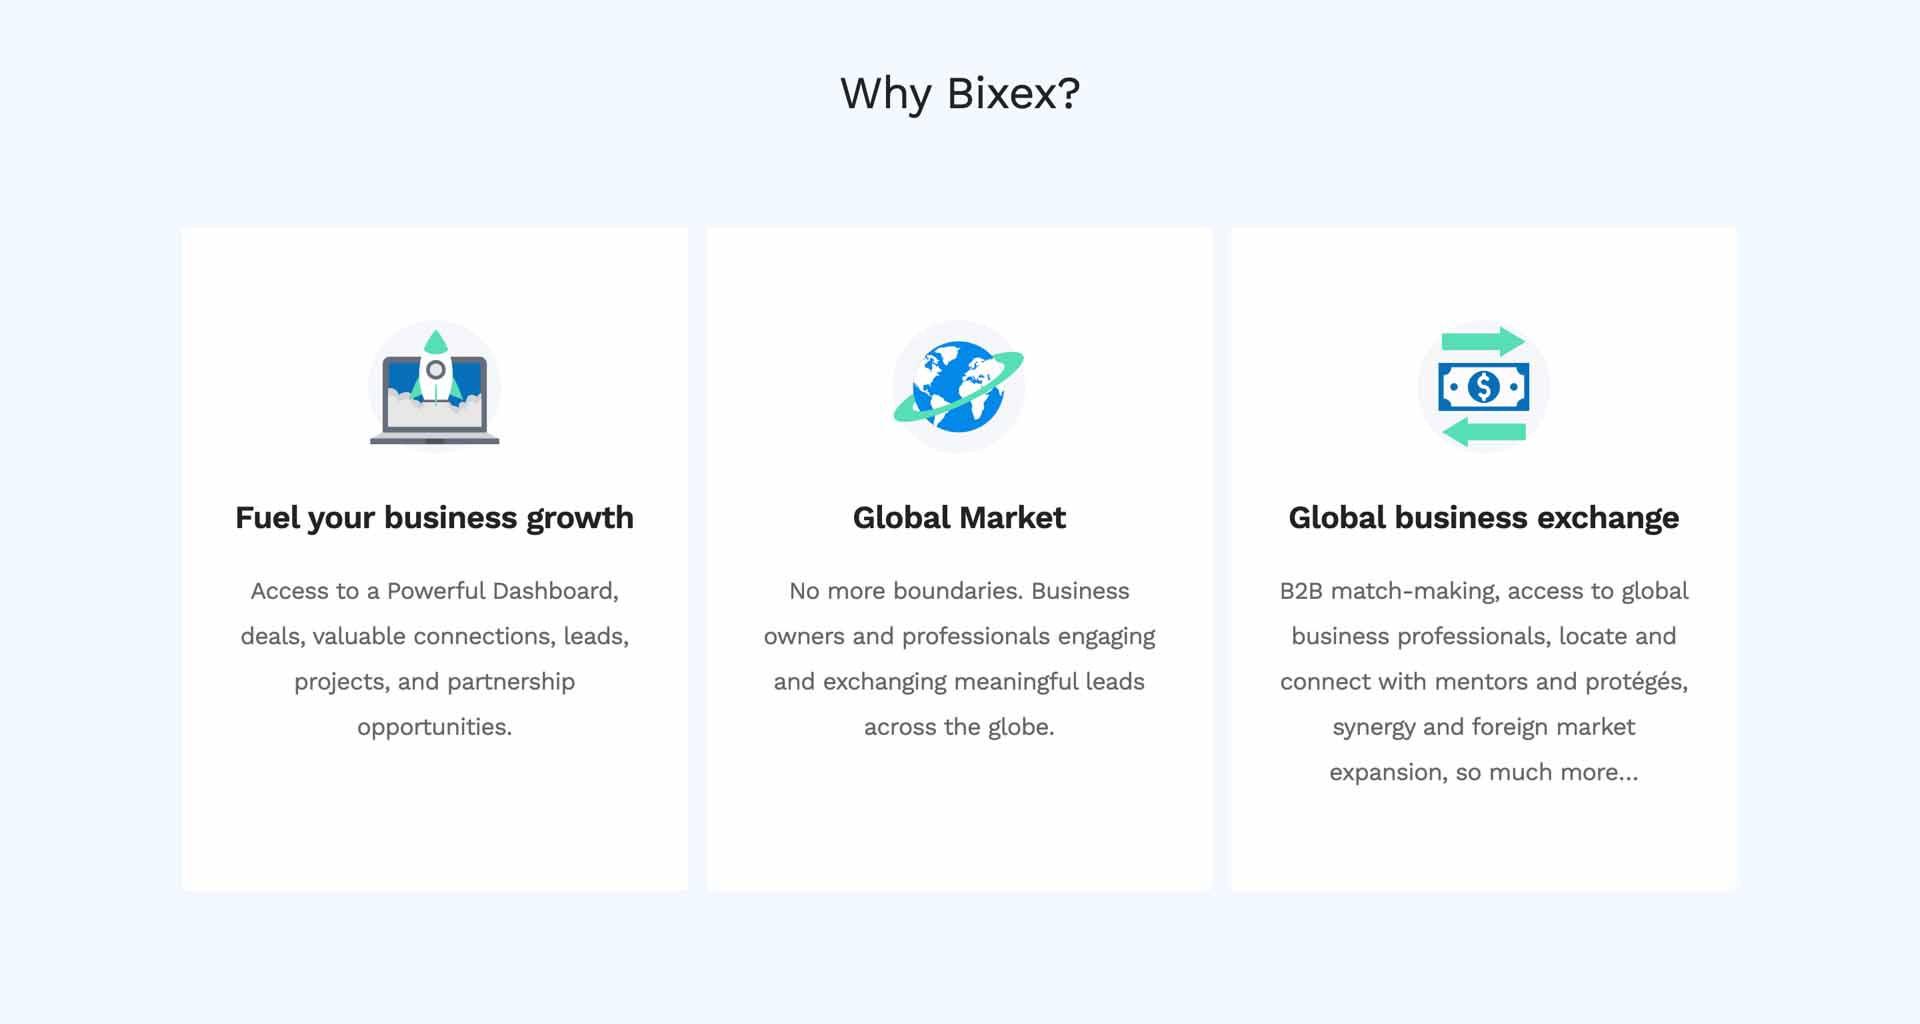 Bixex